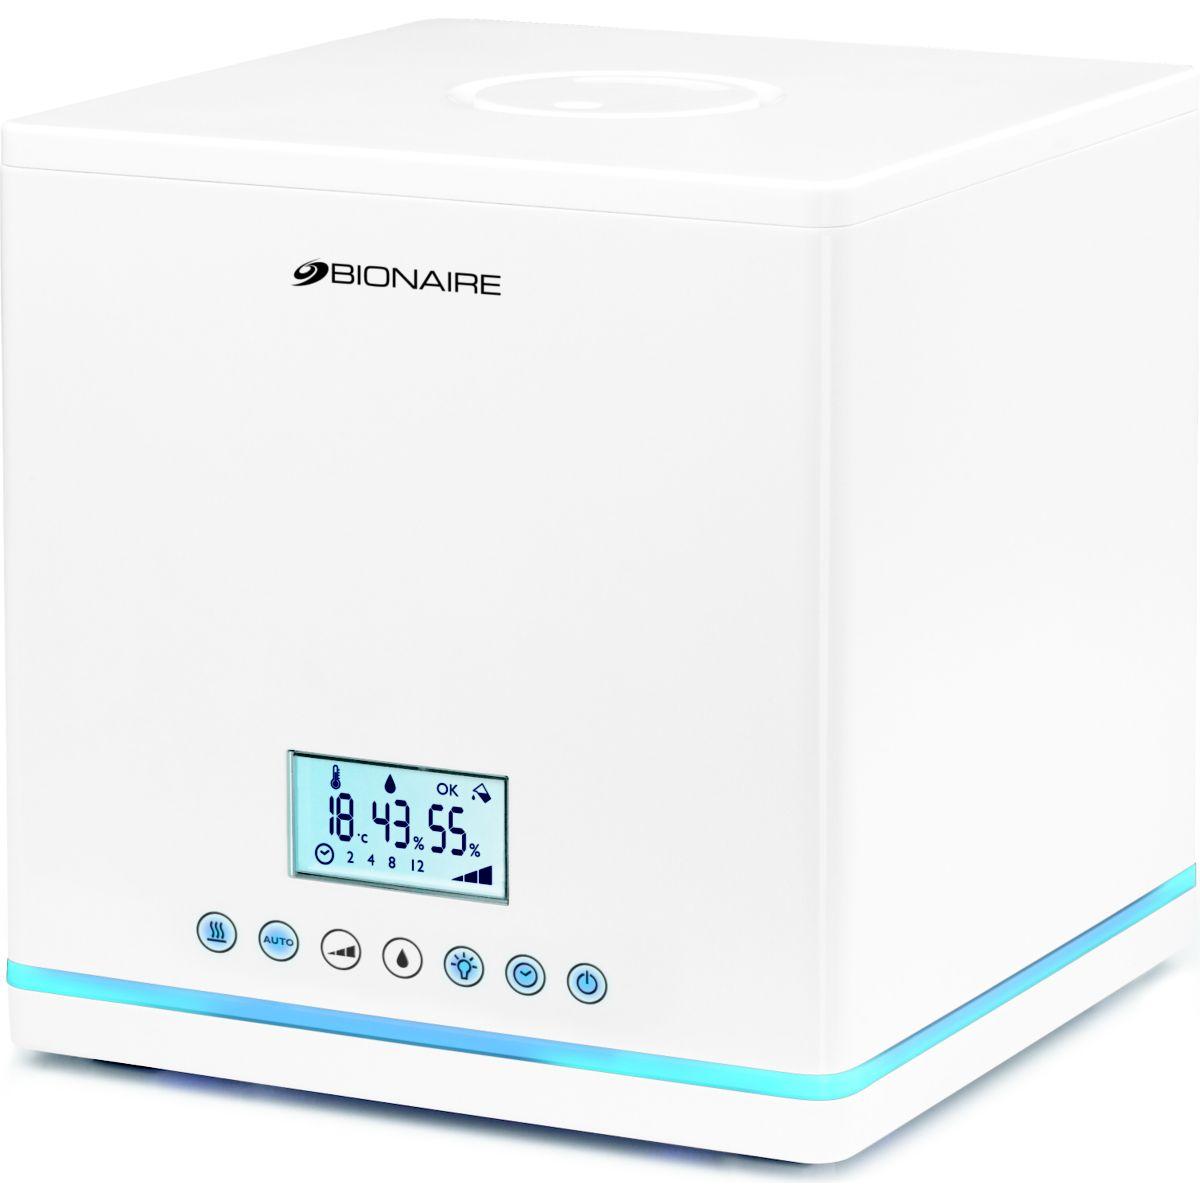 Humidificateur bionaire bu7500-050 - livraison offerte : code premium (photo)